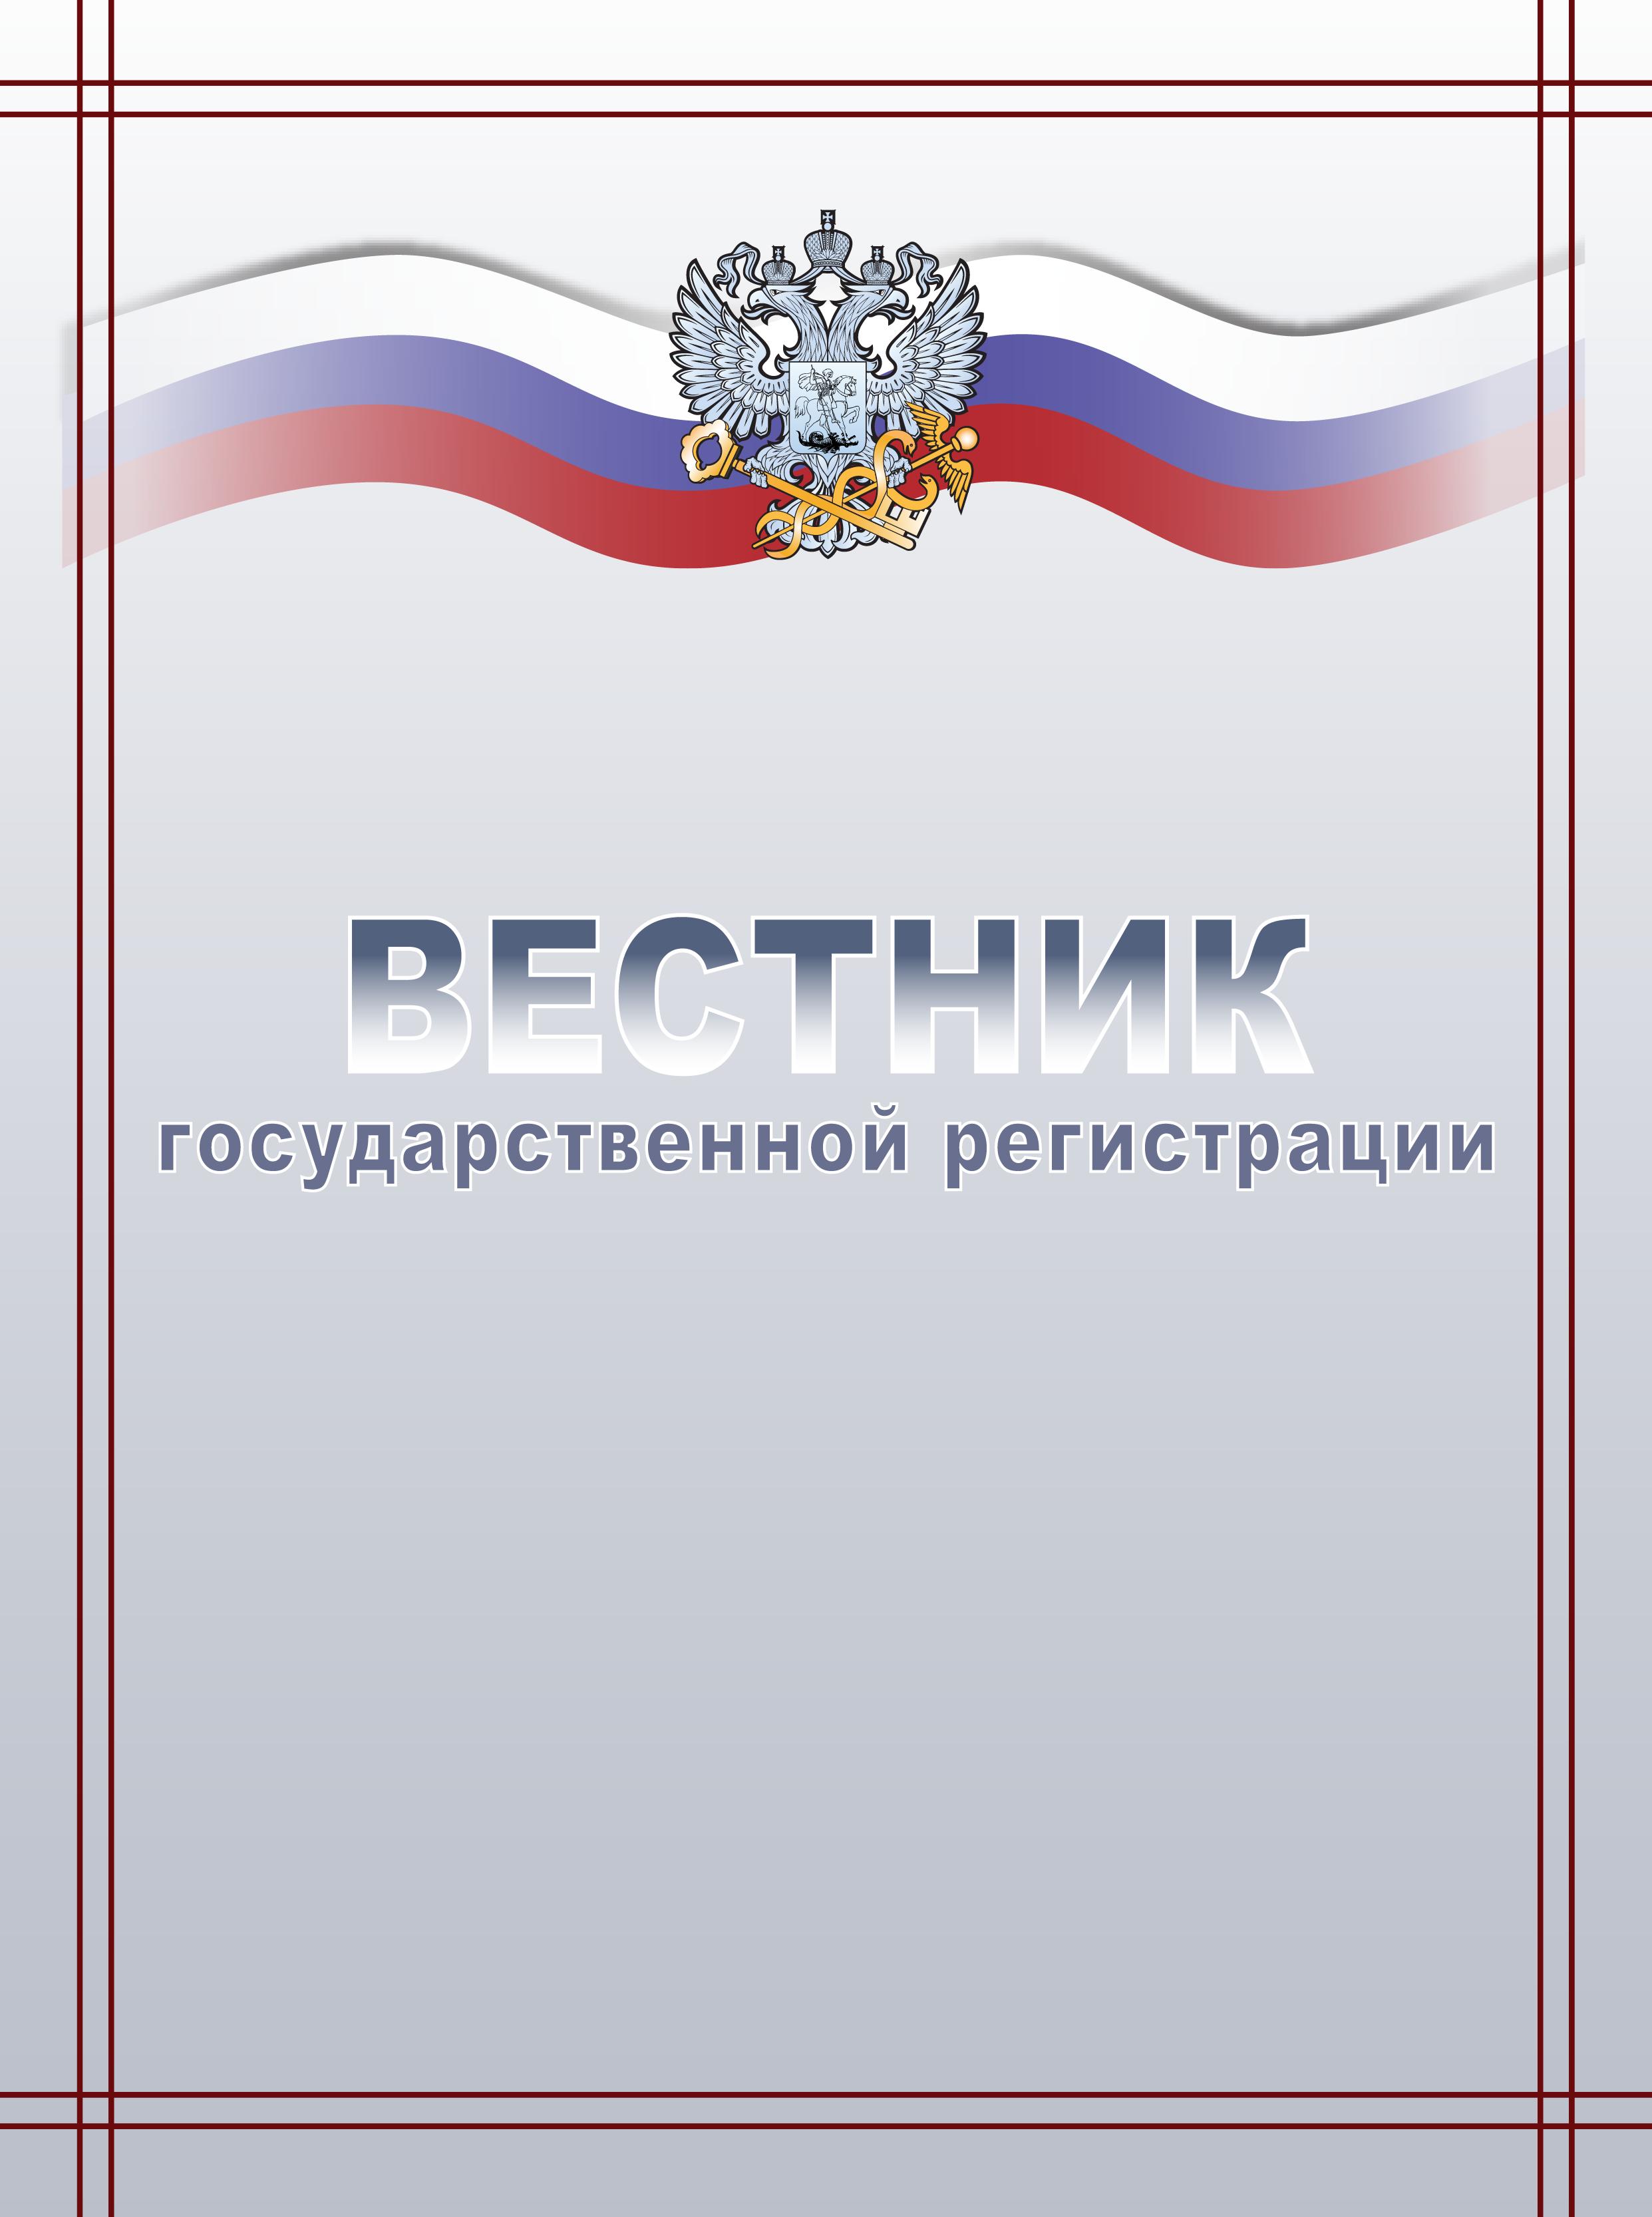 Проверить публикацию в вестнике государственной регистрации